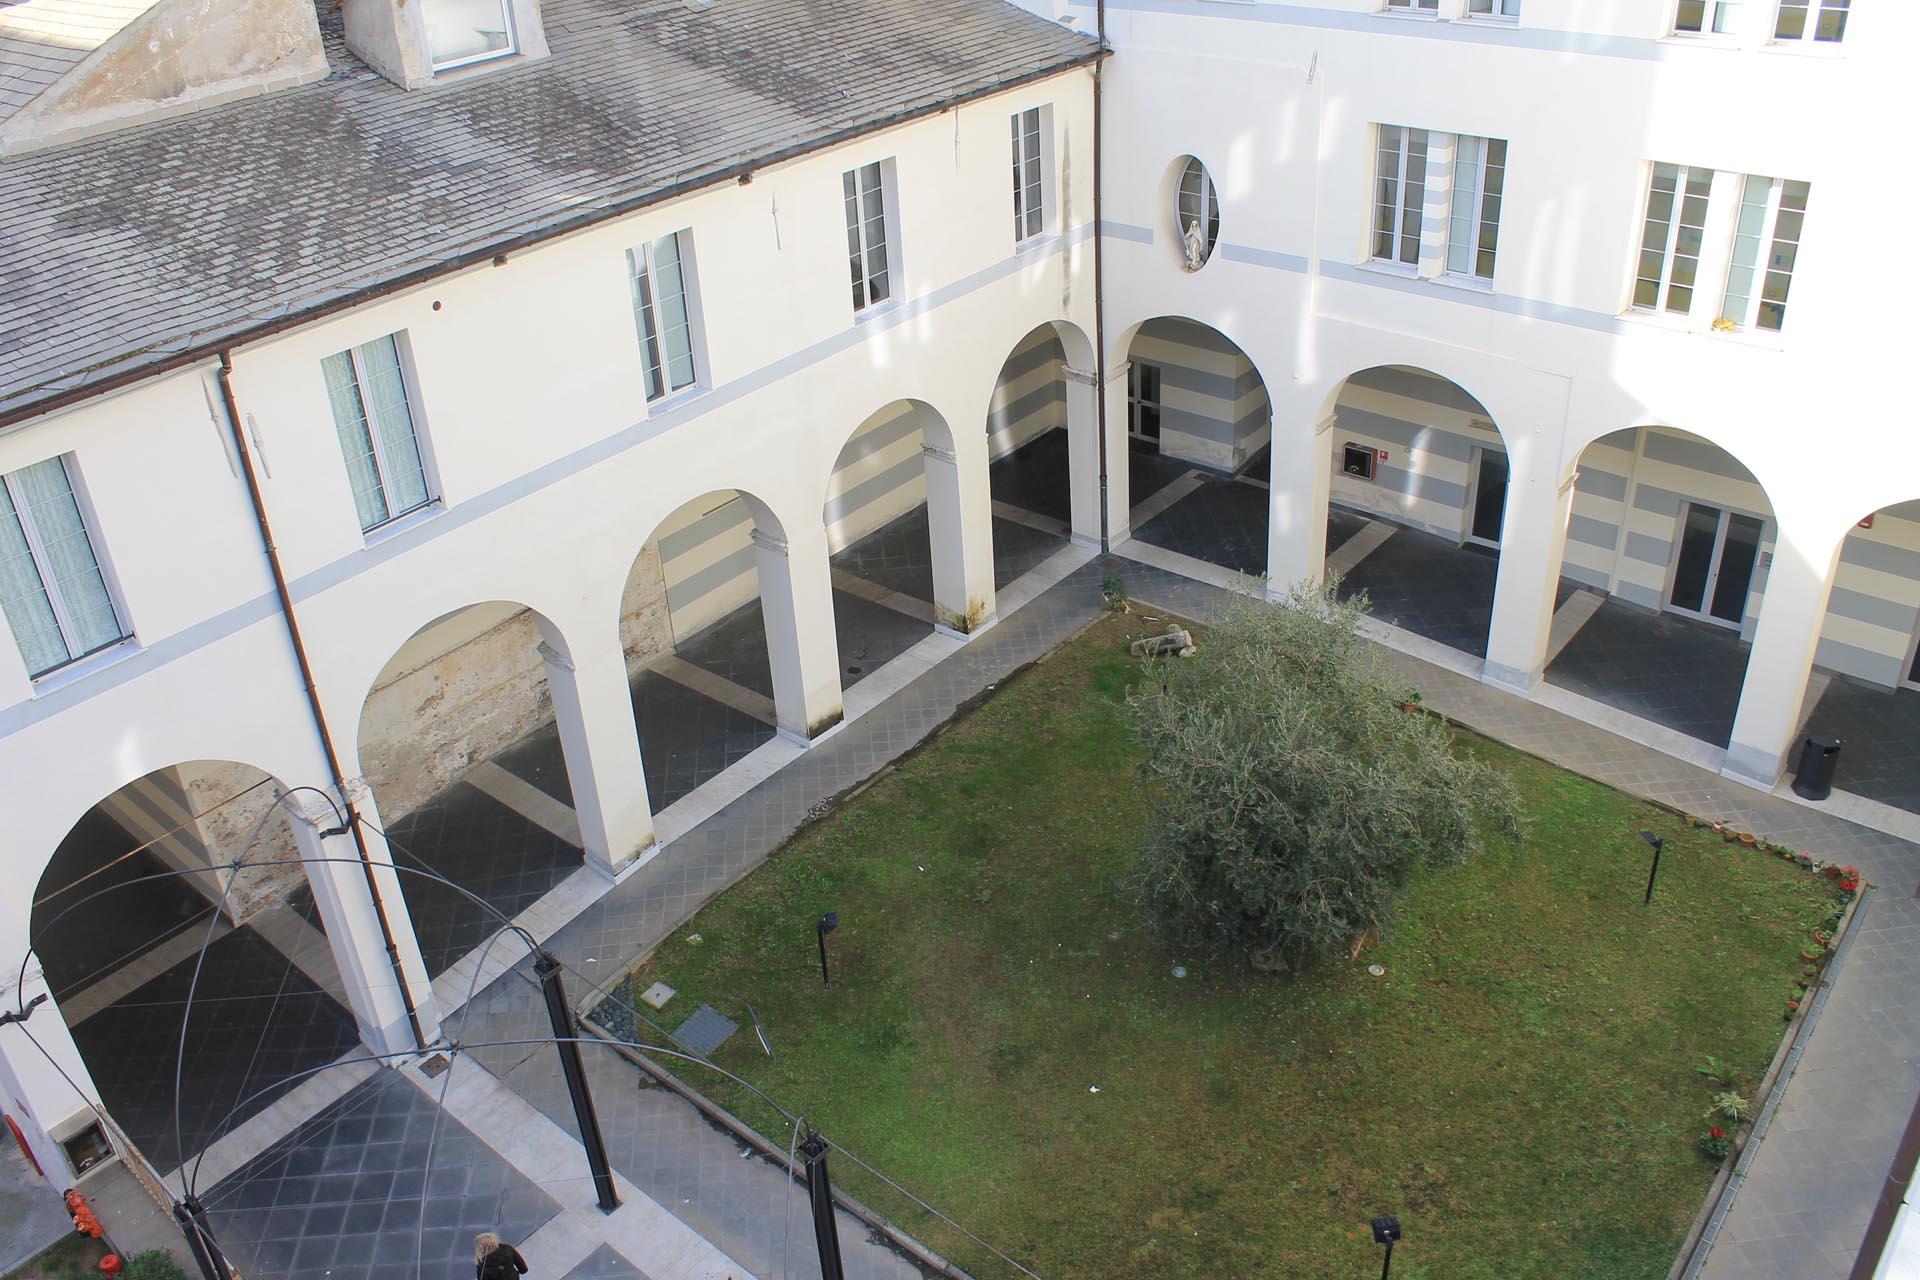 Residenza Protetta Casa Marino Bagnasco - Via Salita Schienacoste - Savona - Case di Cura per Anziani - Case di Riposo Private